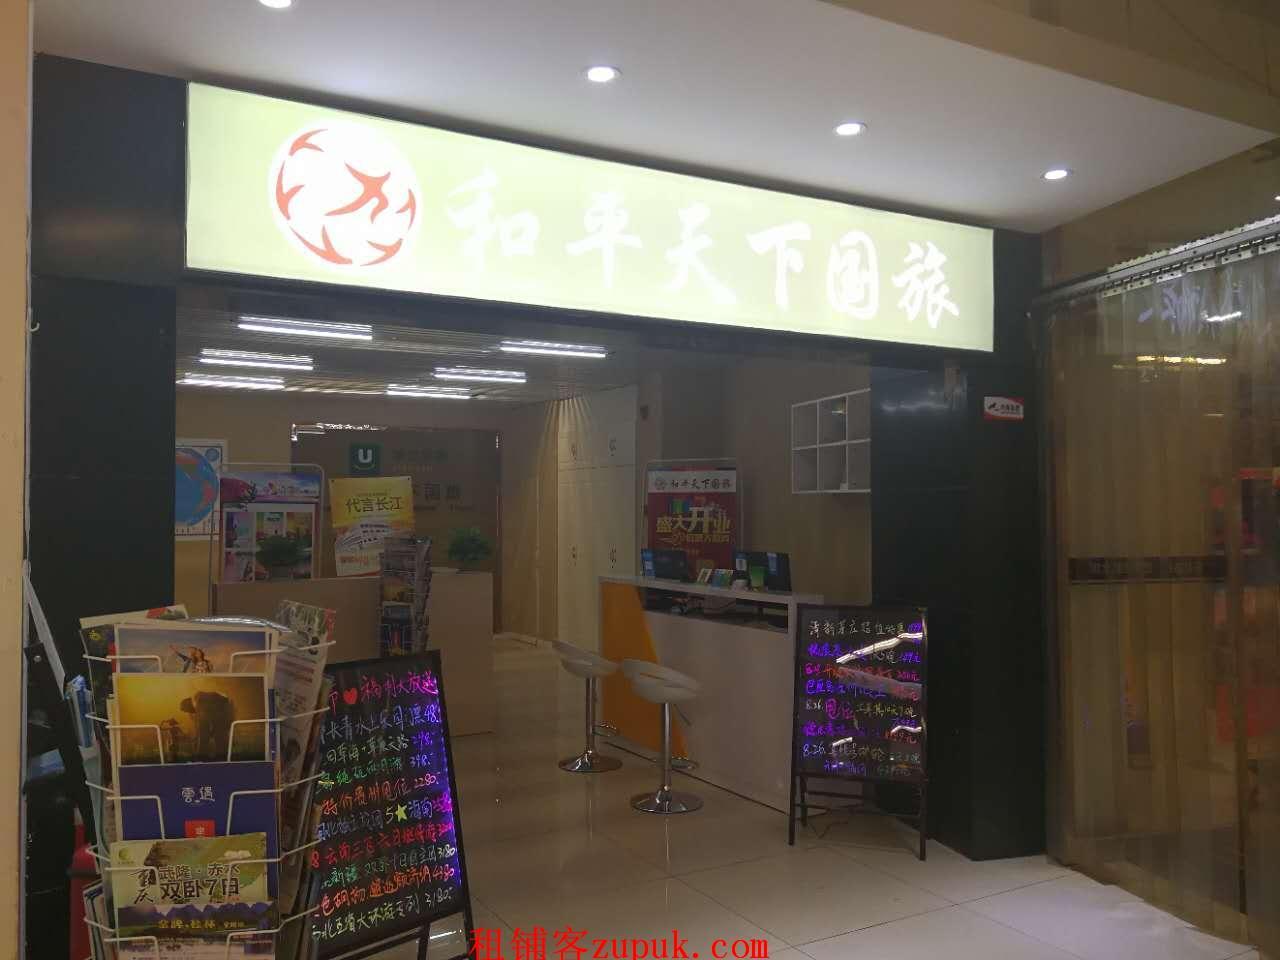 北国益庄购物中心超市入口旺铺出租